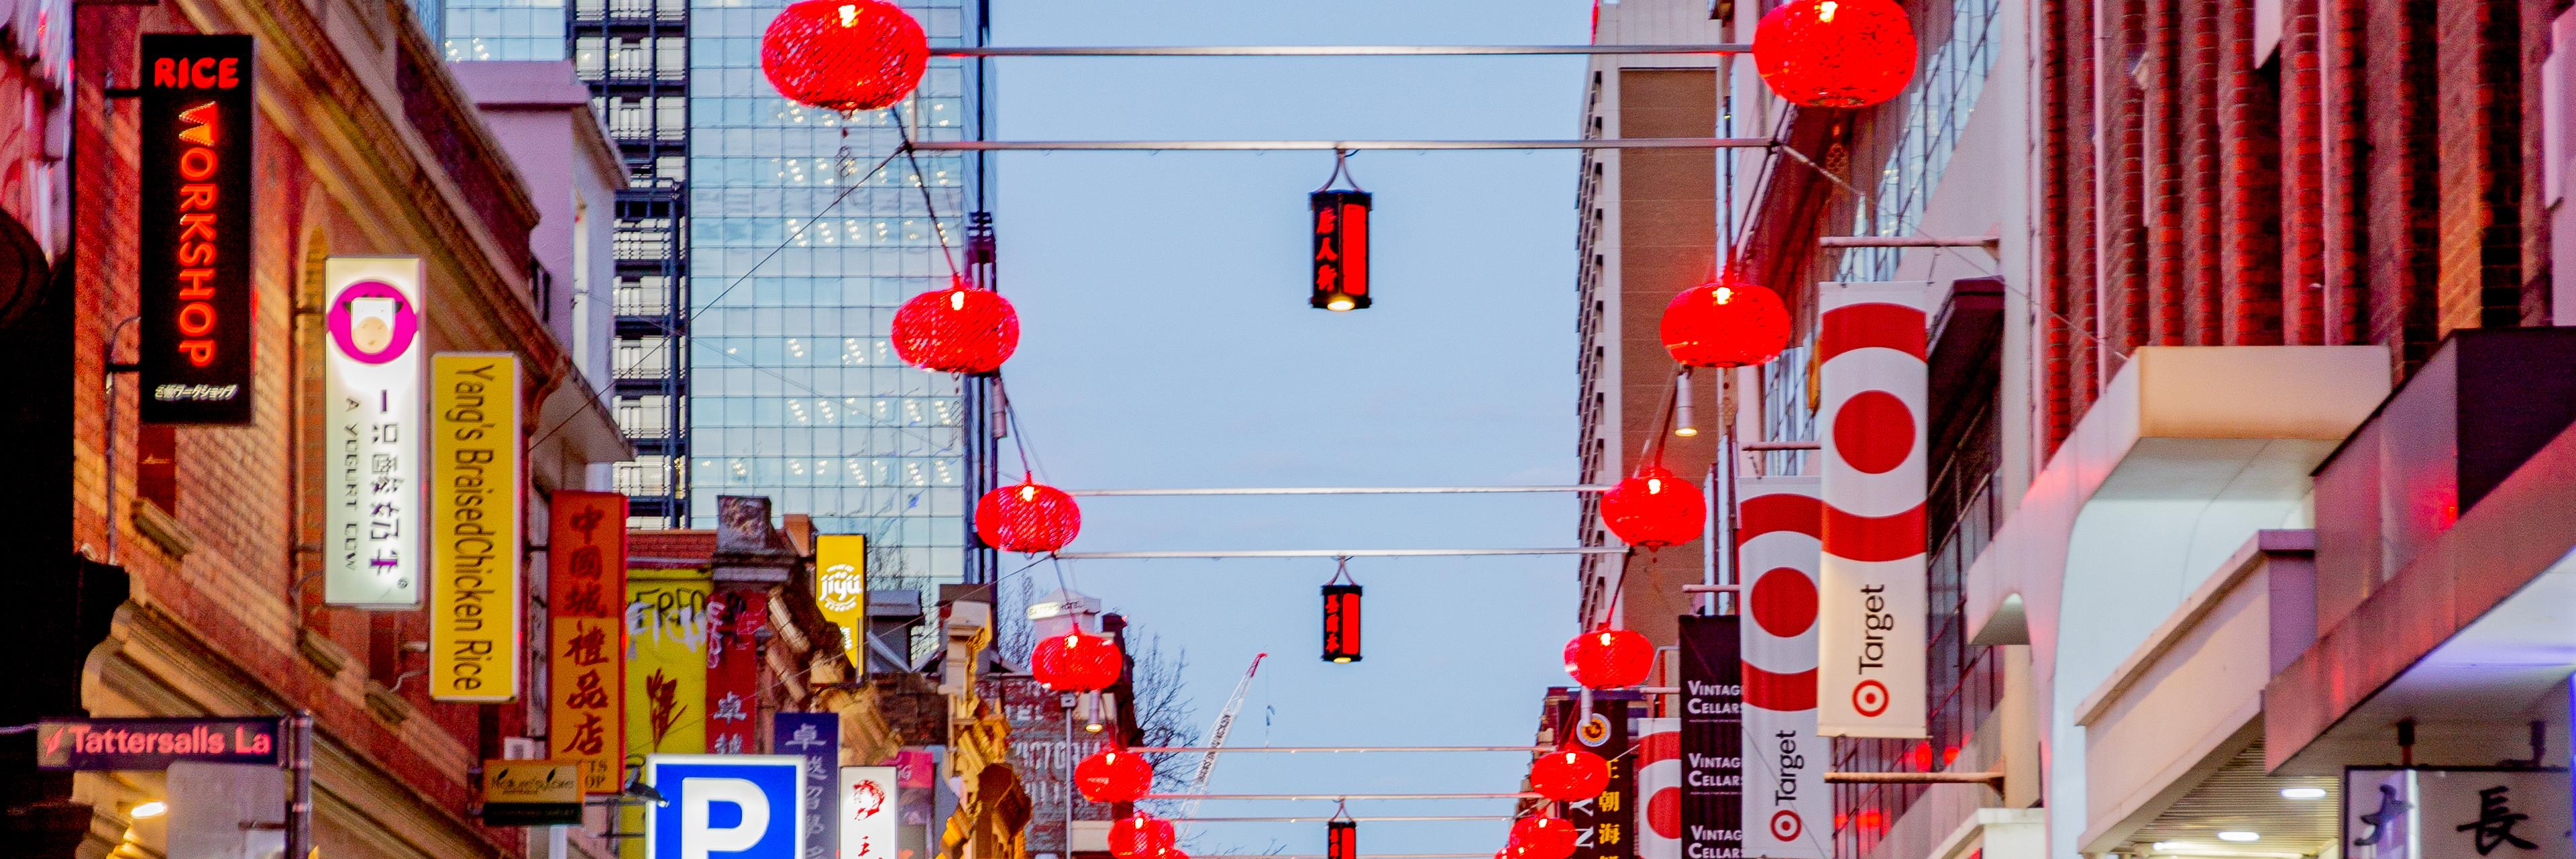 Lighting up Chinatown